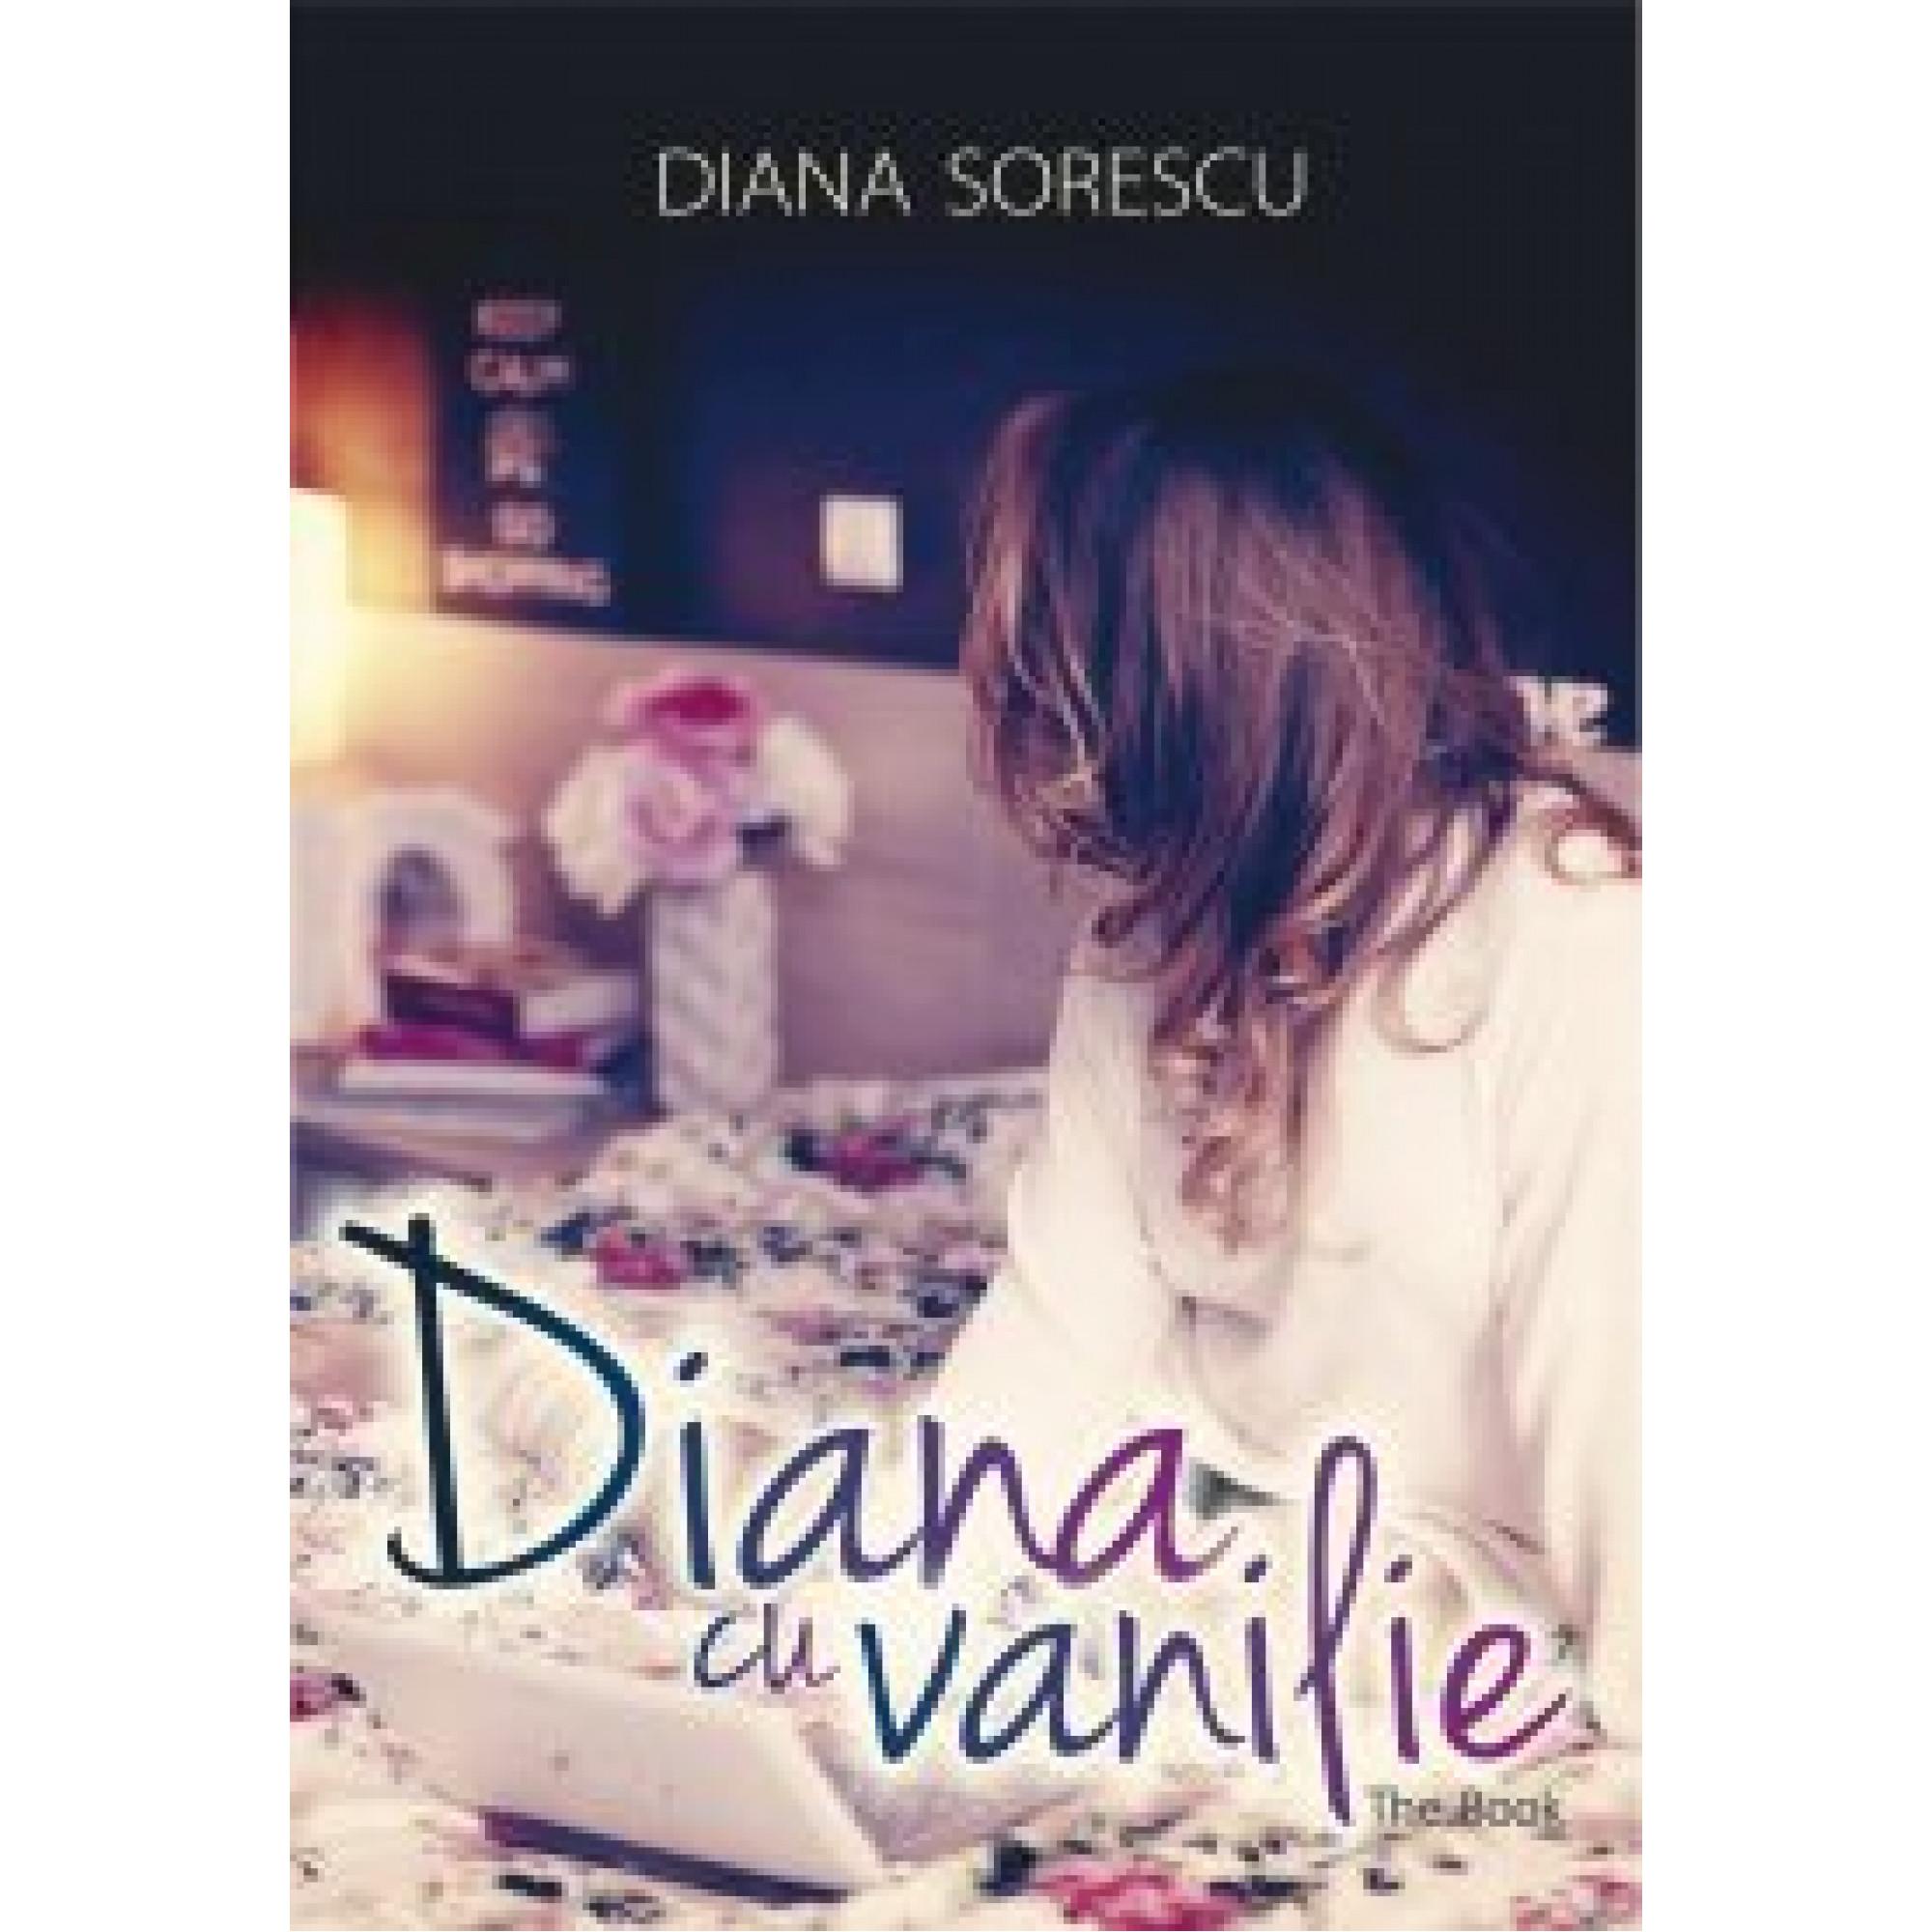 Diana cu vanilie; Diana Sorescu